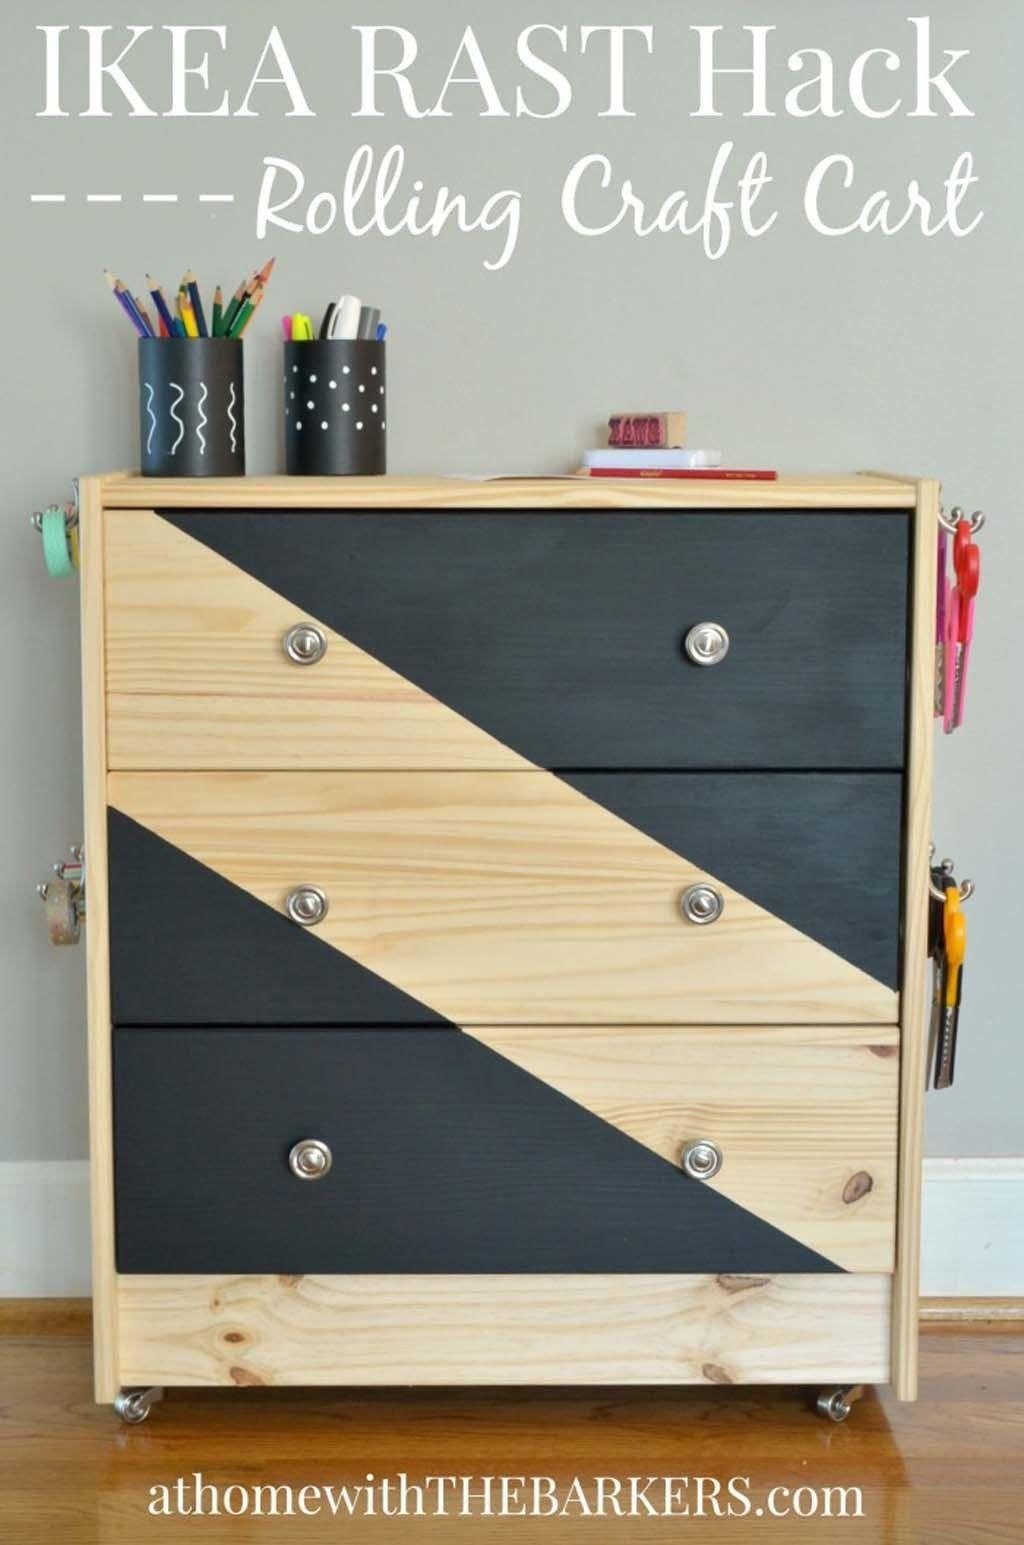 Muebles De Ikea Tuneados Elegant Ideas Para Tunear Muebles Bsicos  # Muebles Tuneados